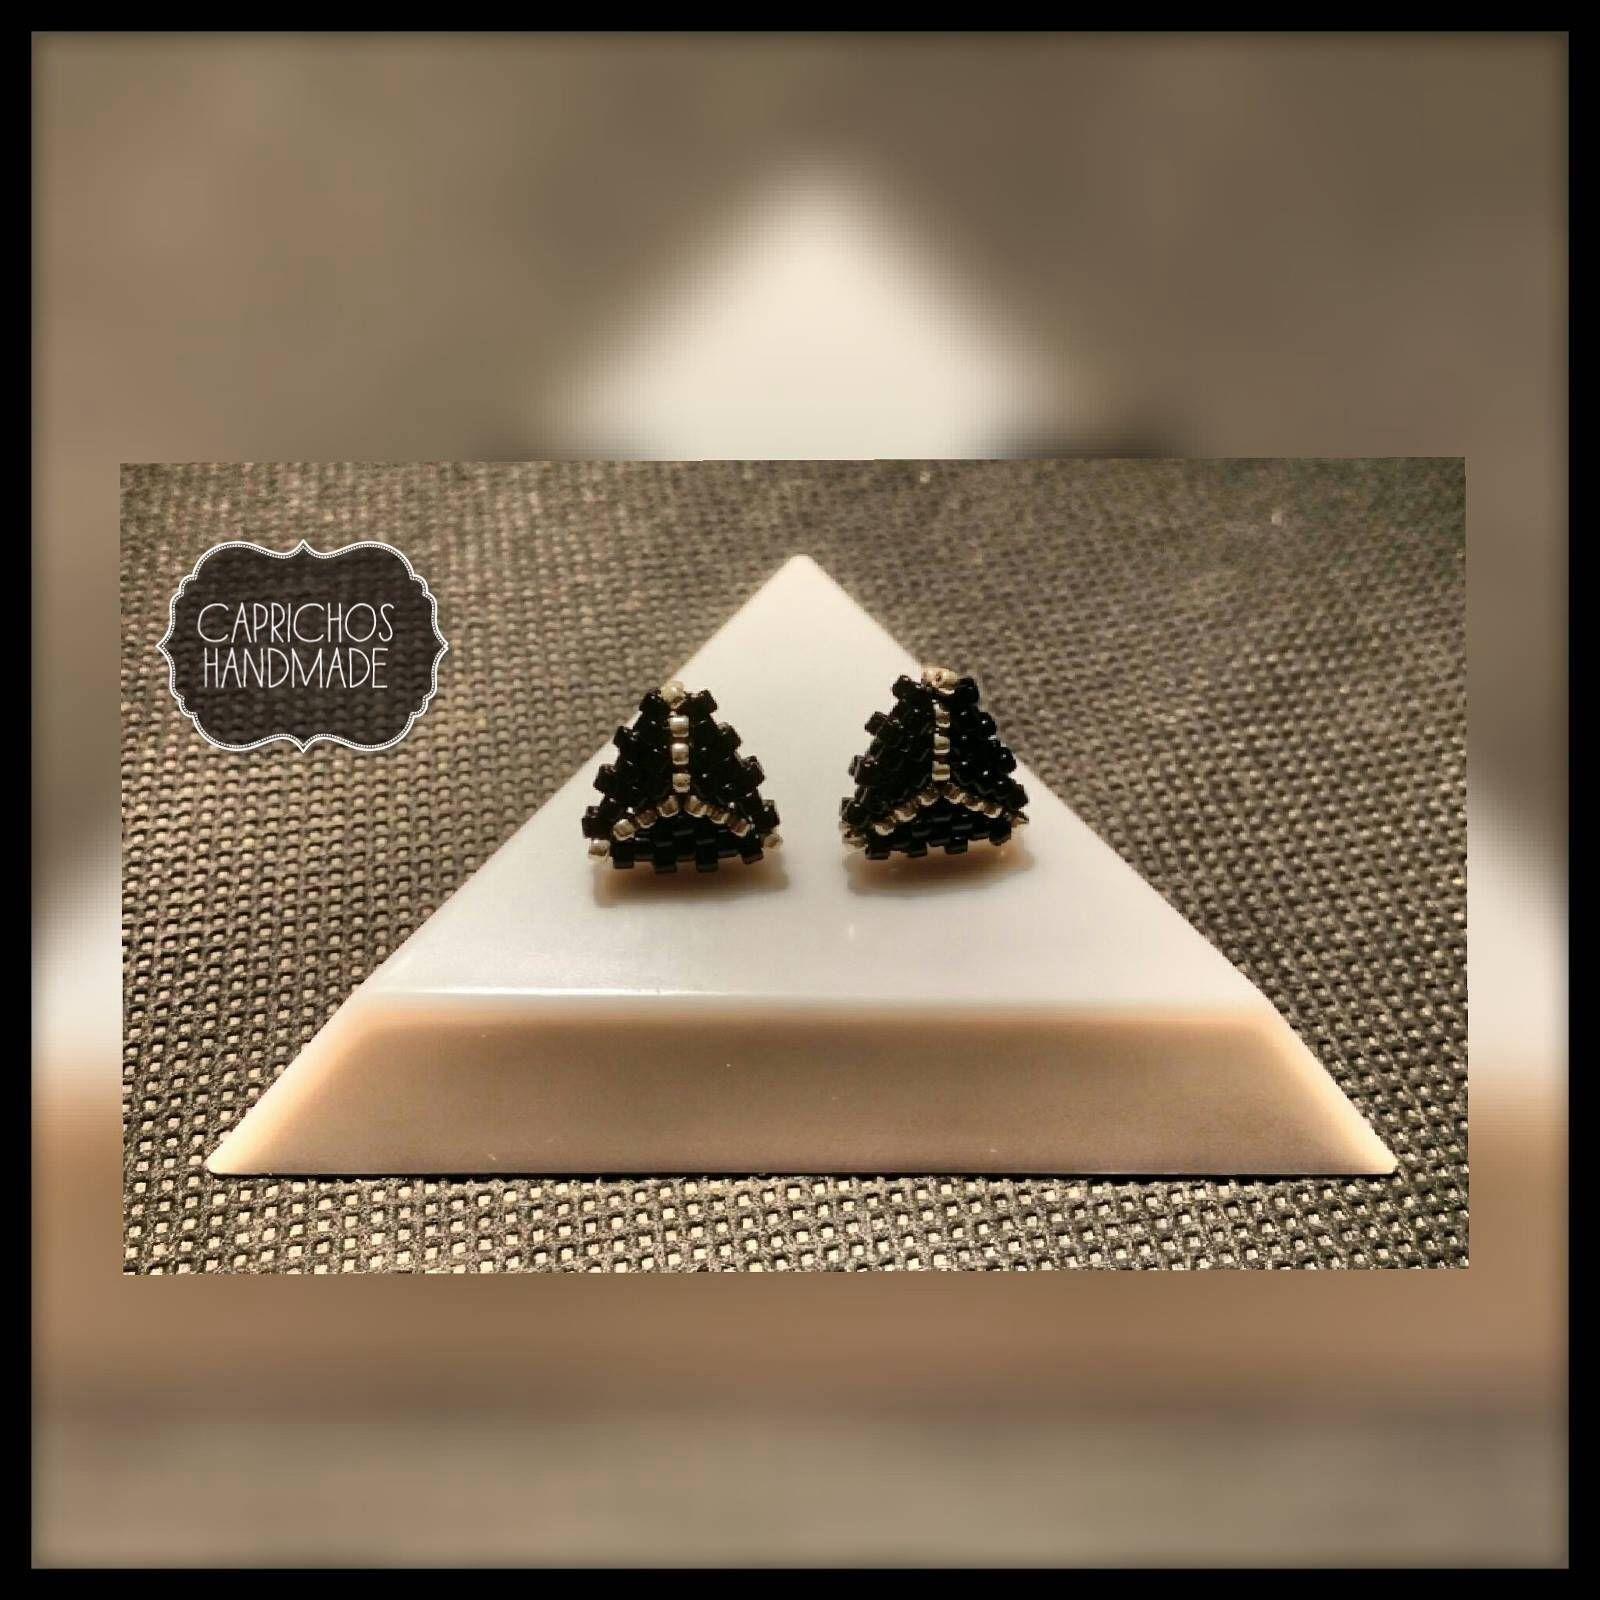 Pendientes triángulos de botón de CaprichosHandmade en Etsy https://www.etsy.com/es/listing/517289224/pendientes-triangulos-de-boton